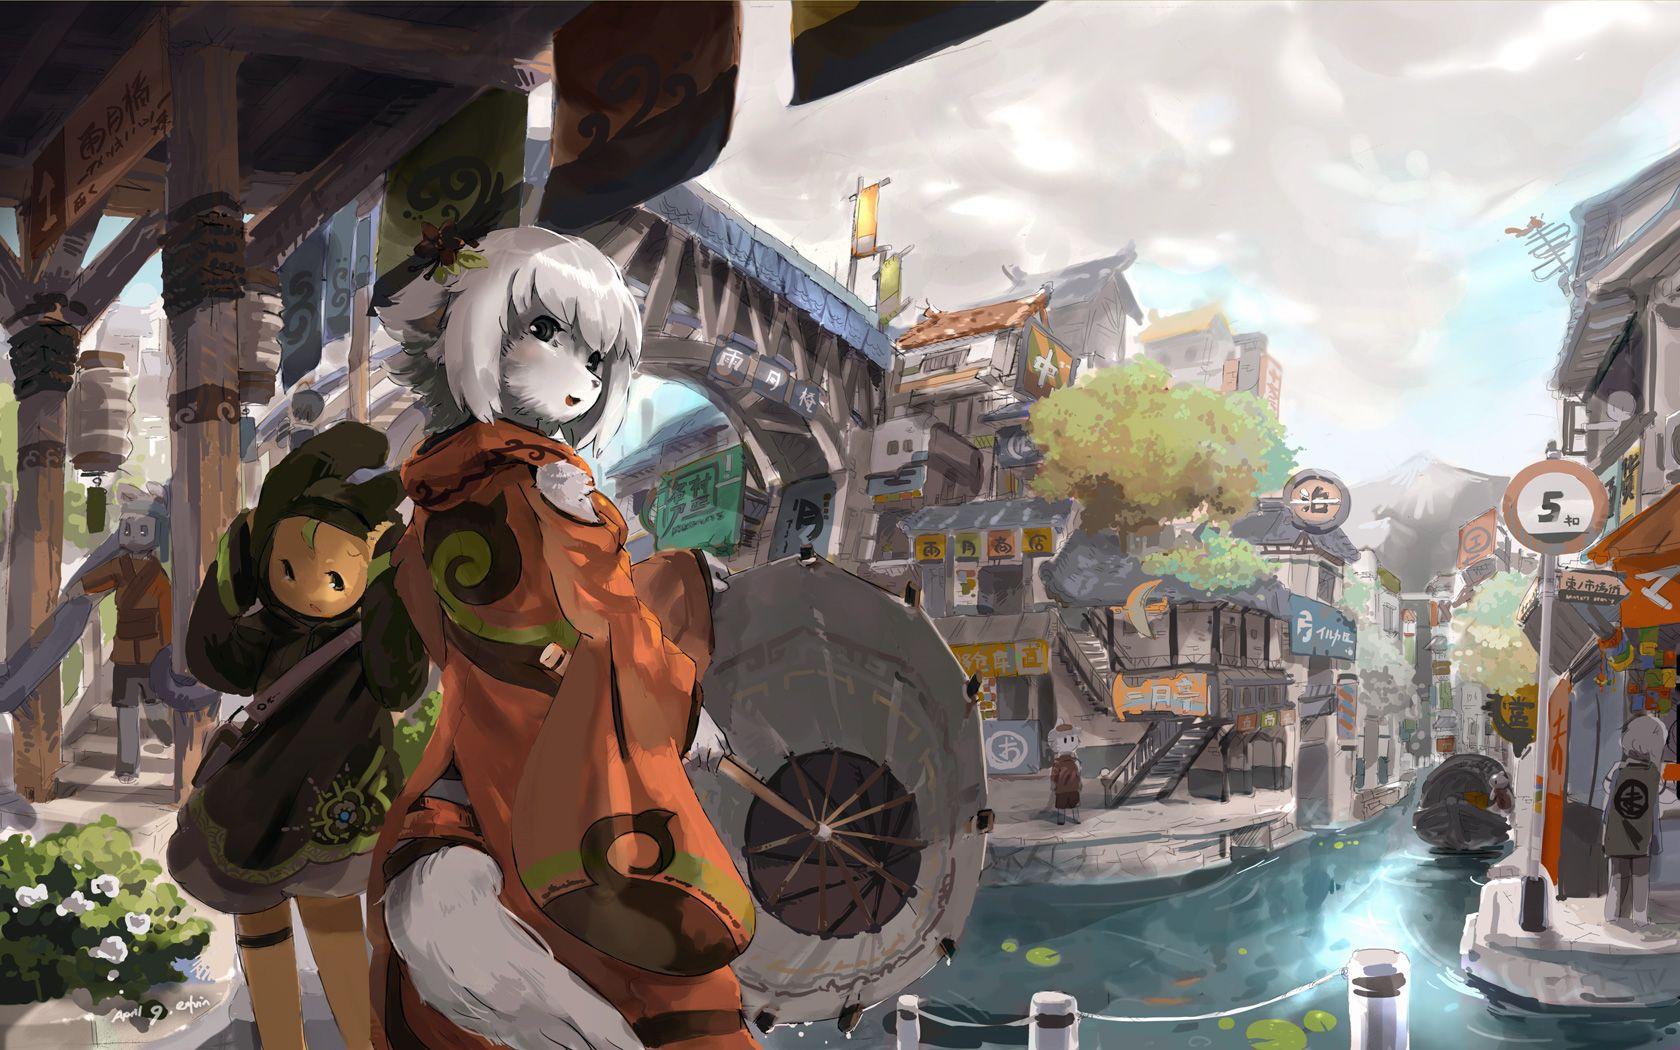 Anime Fantasy Anime Wallpaper Fantasy Coolvibe Digital Artcoolvibe Digital Digital Art Anime Anime Art Dark Anime Fantasy